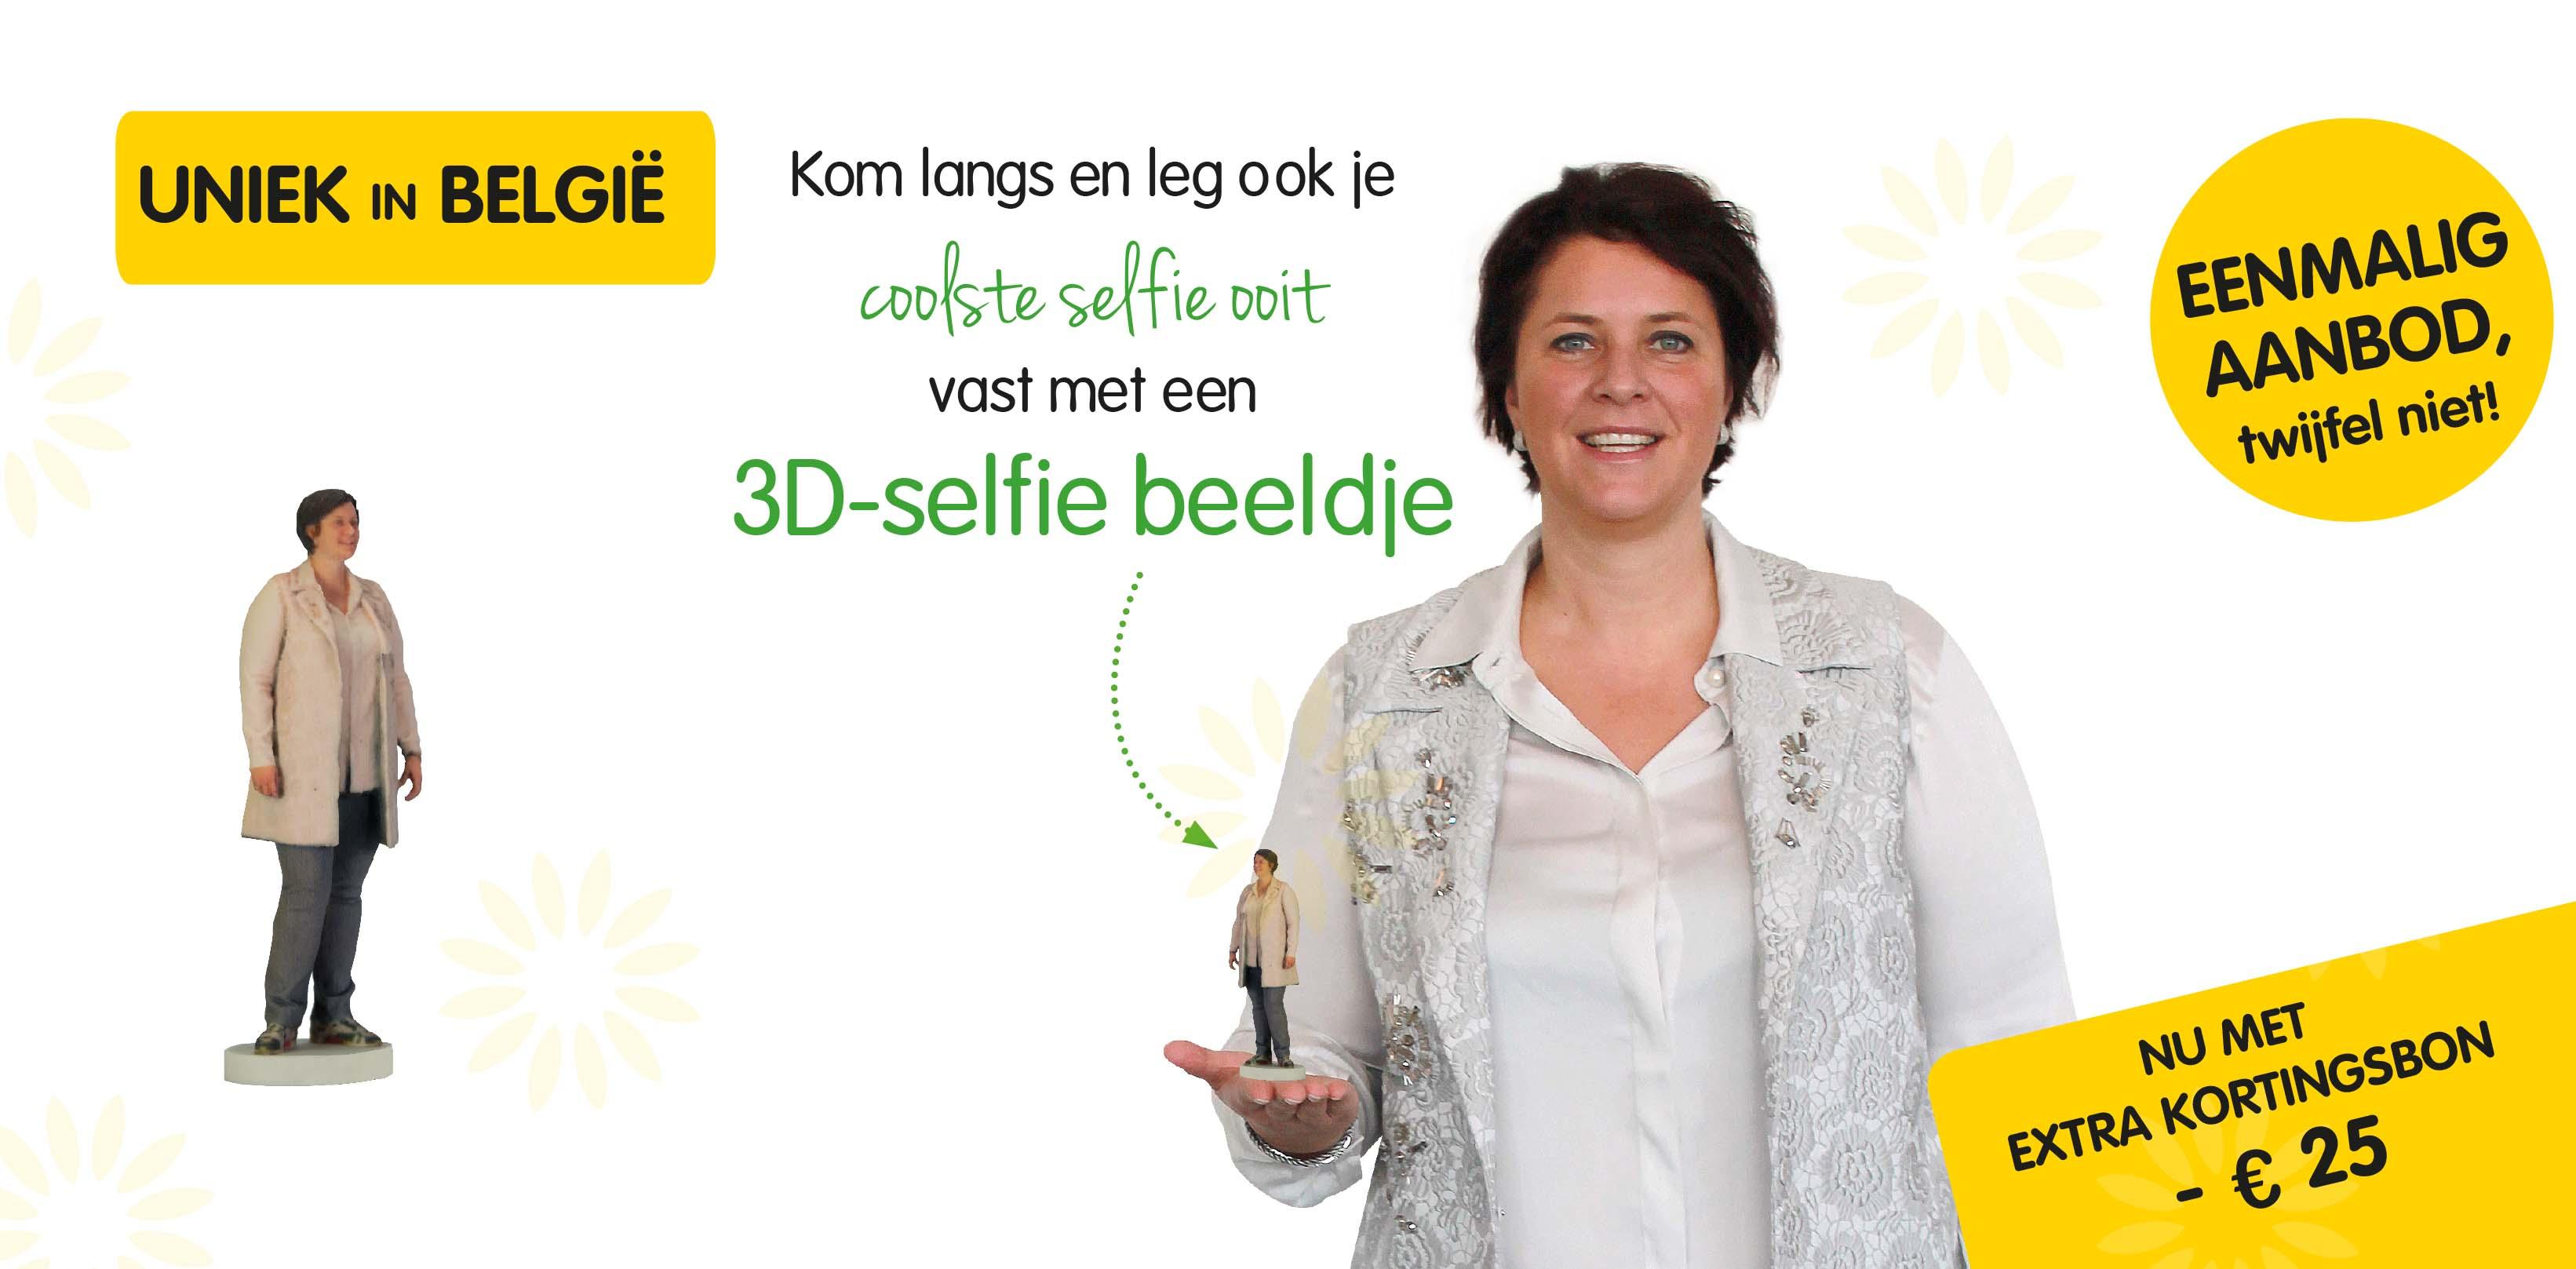 3D selfie beeldjes